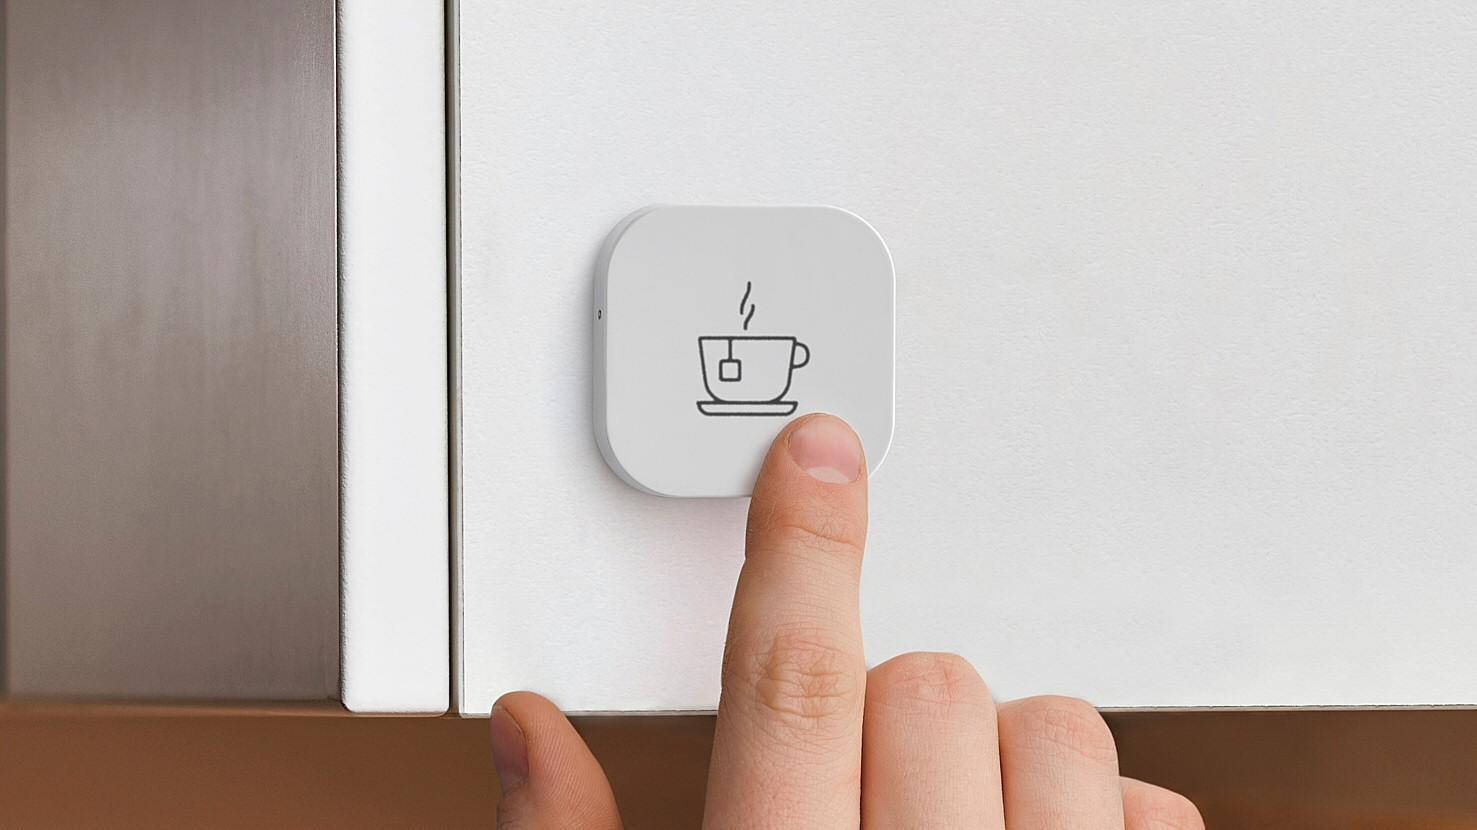 Ikea Trådfri får en halvsmart smartknapp